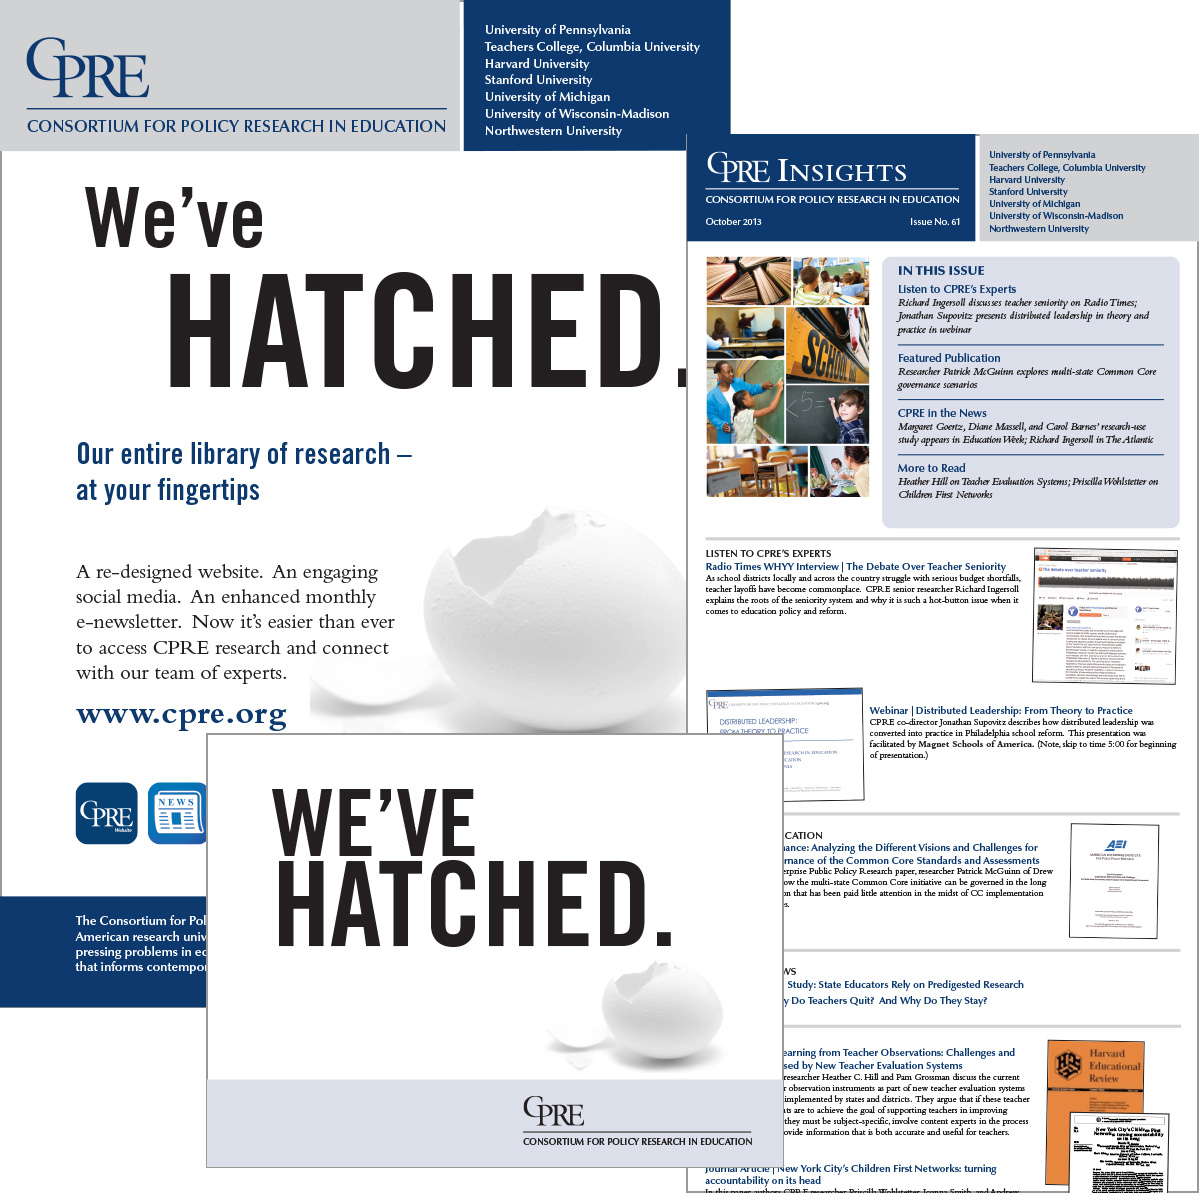 CPRE e-campaign